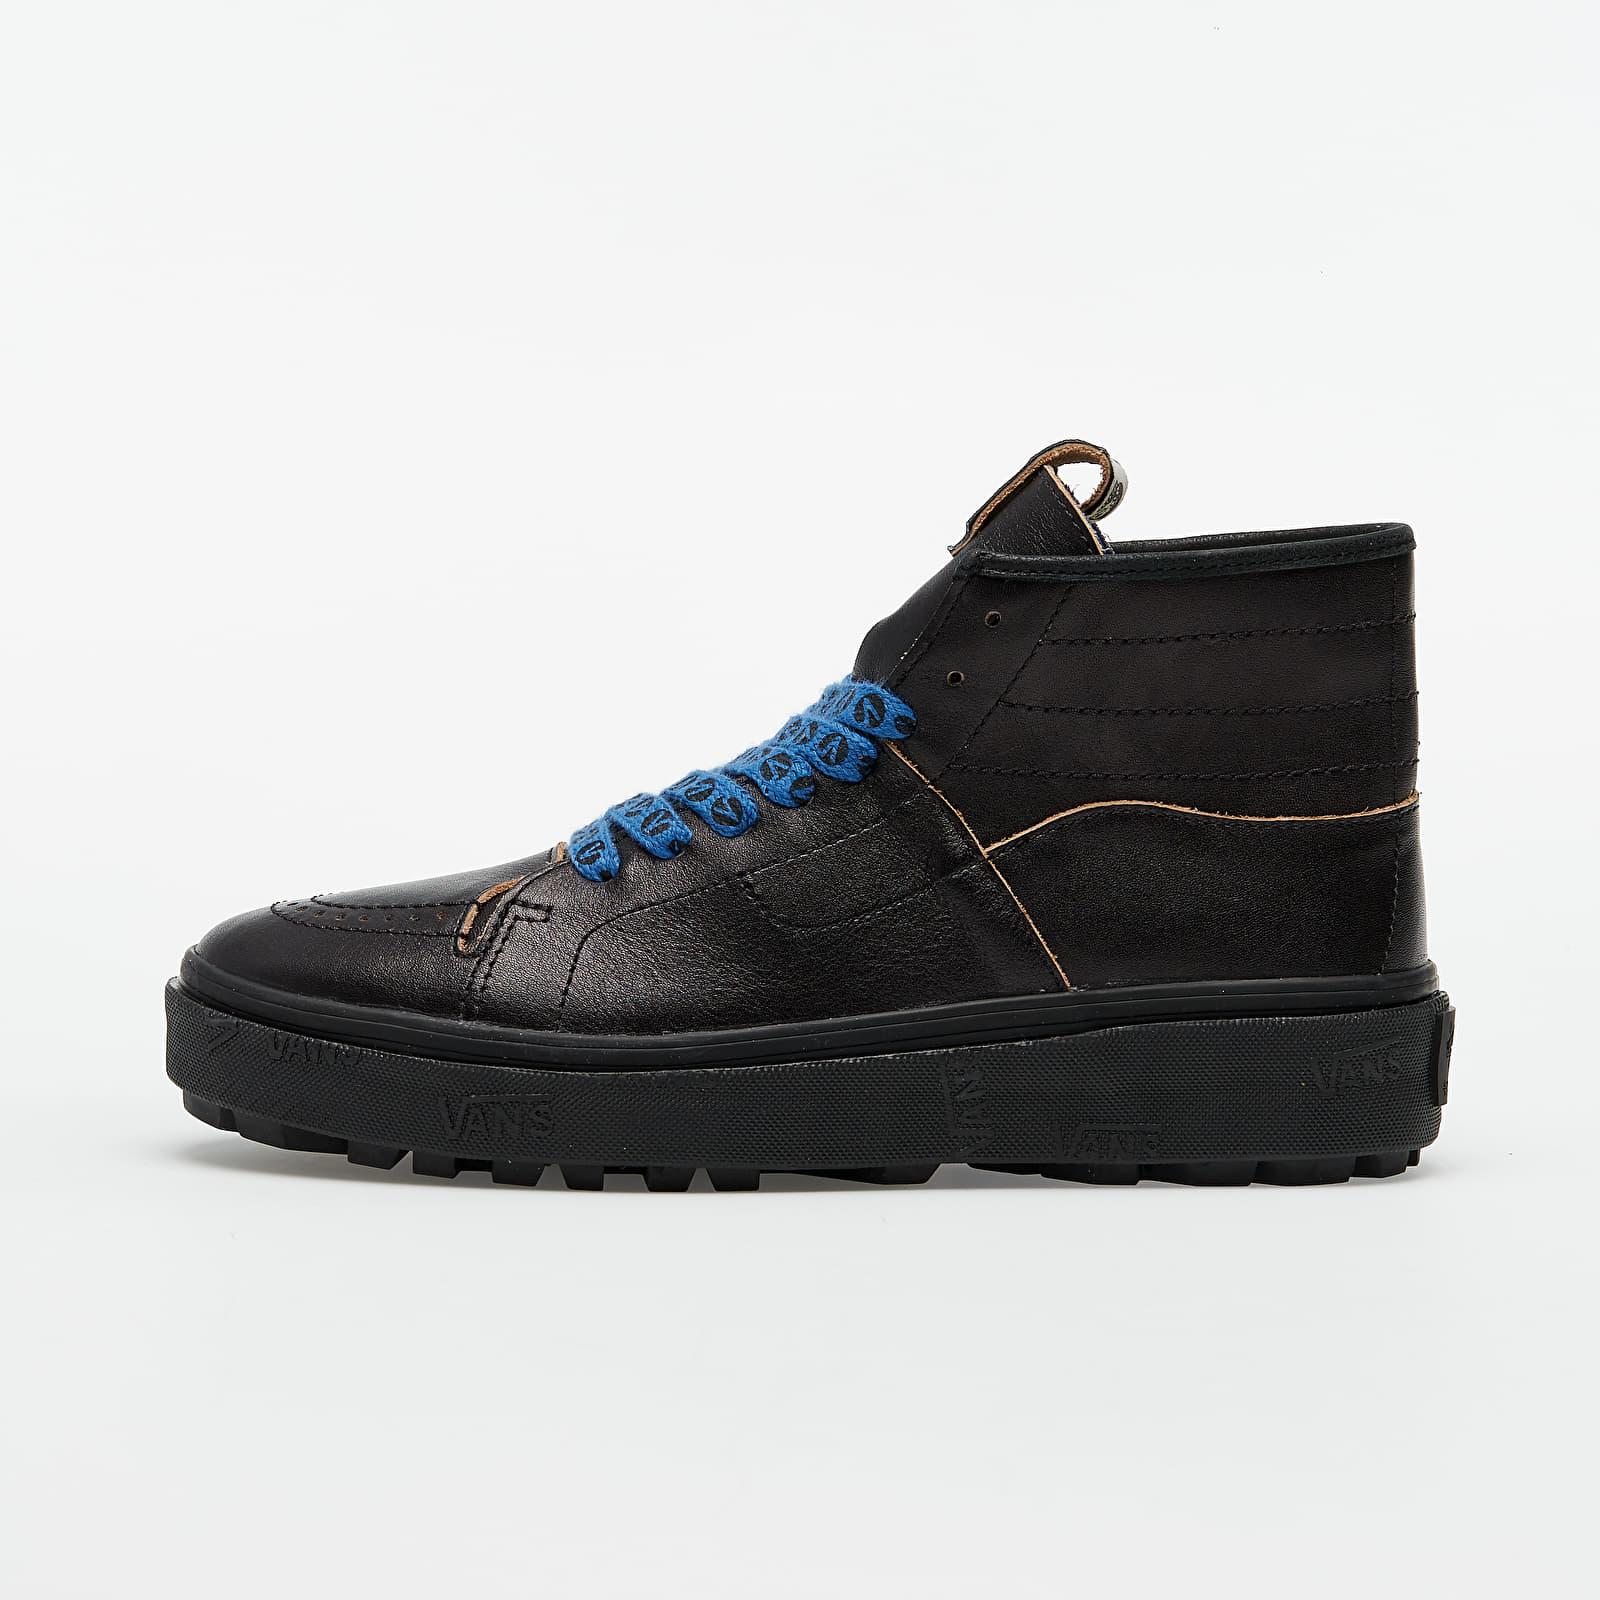 Männer Vans Vans x Taka Hayashi Sk8-Boot LX (Leather) Black